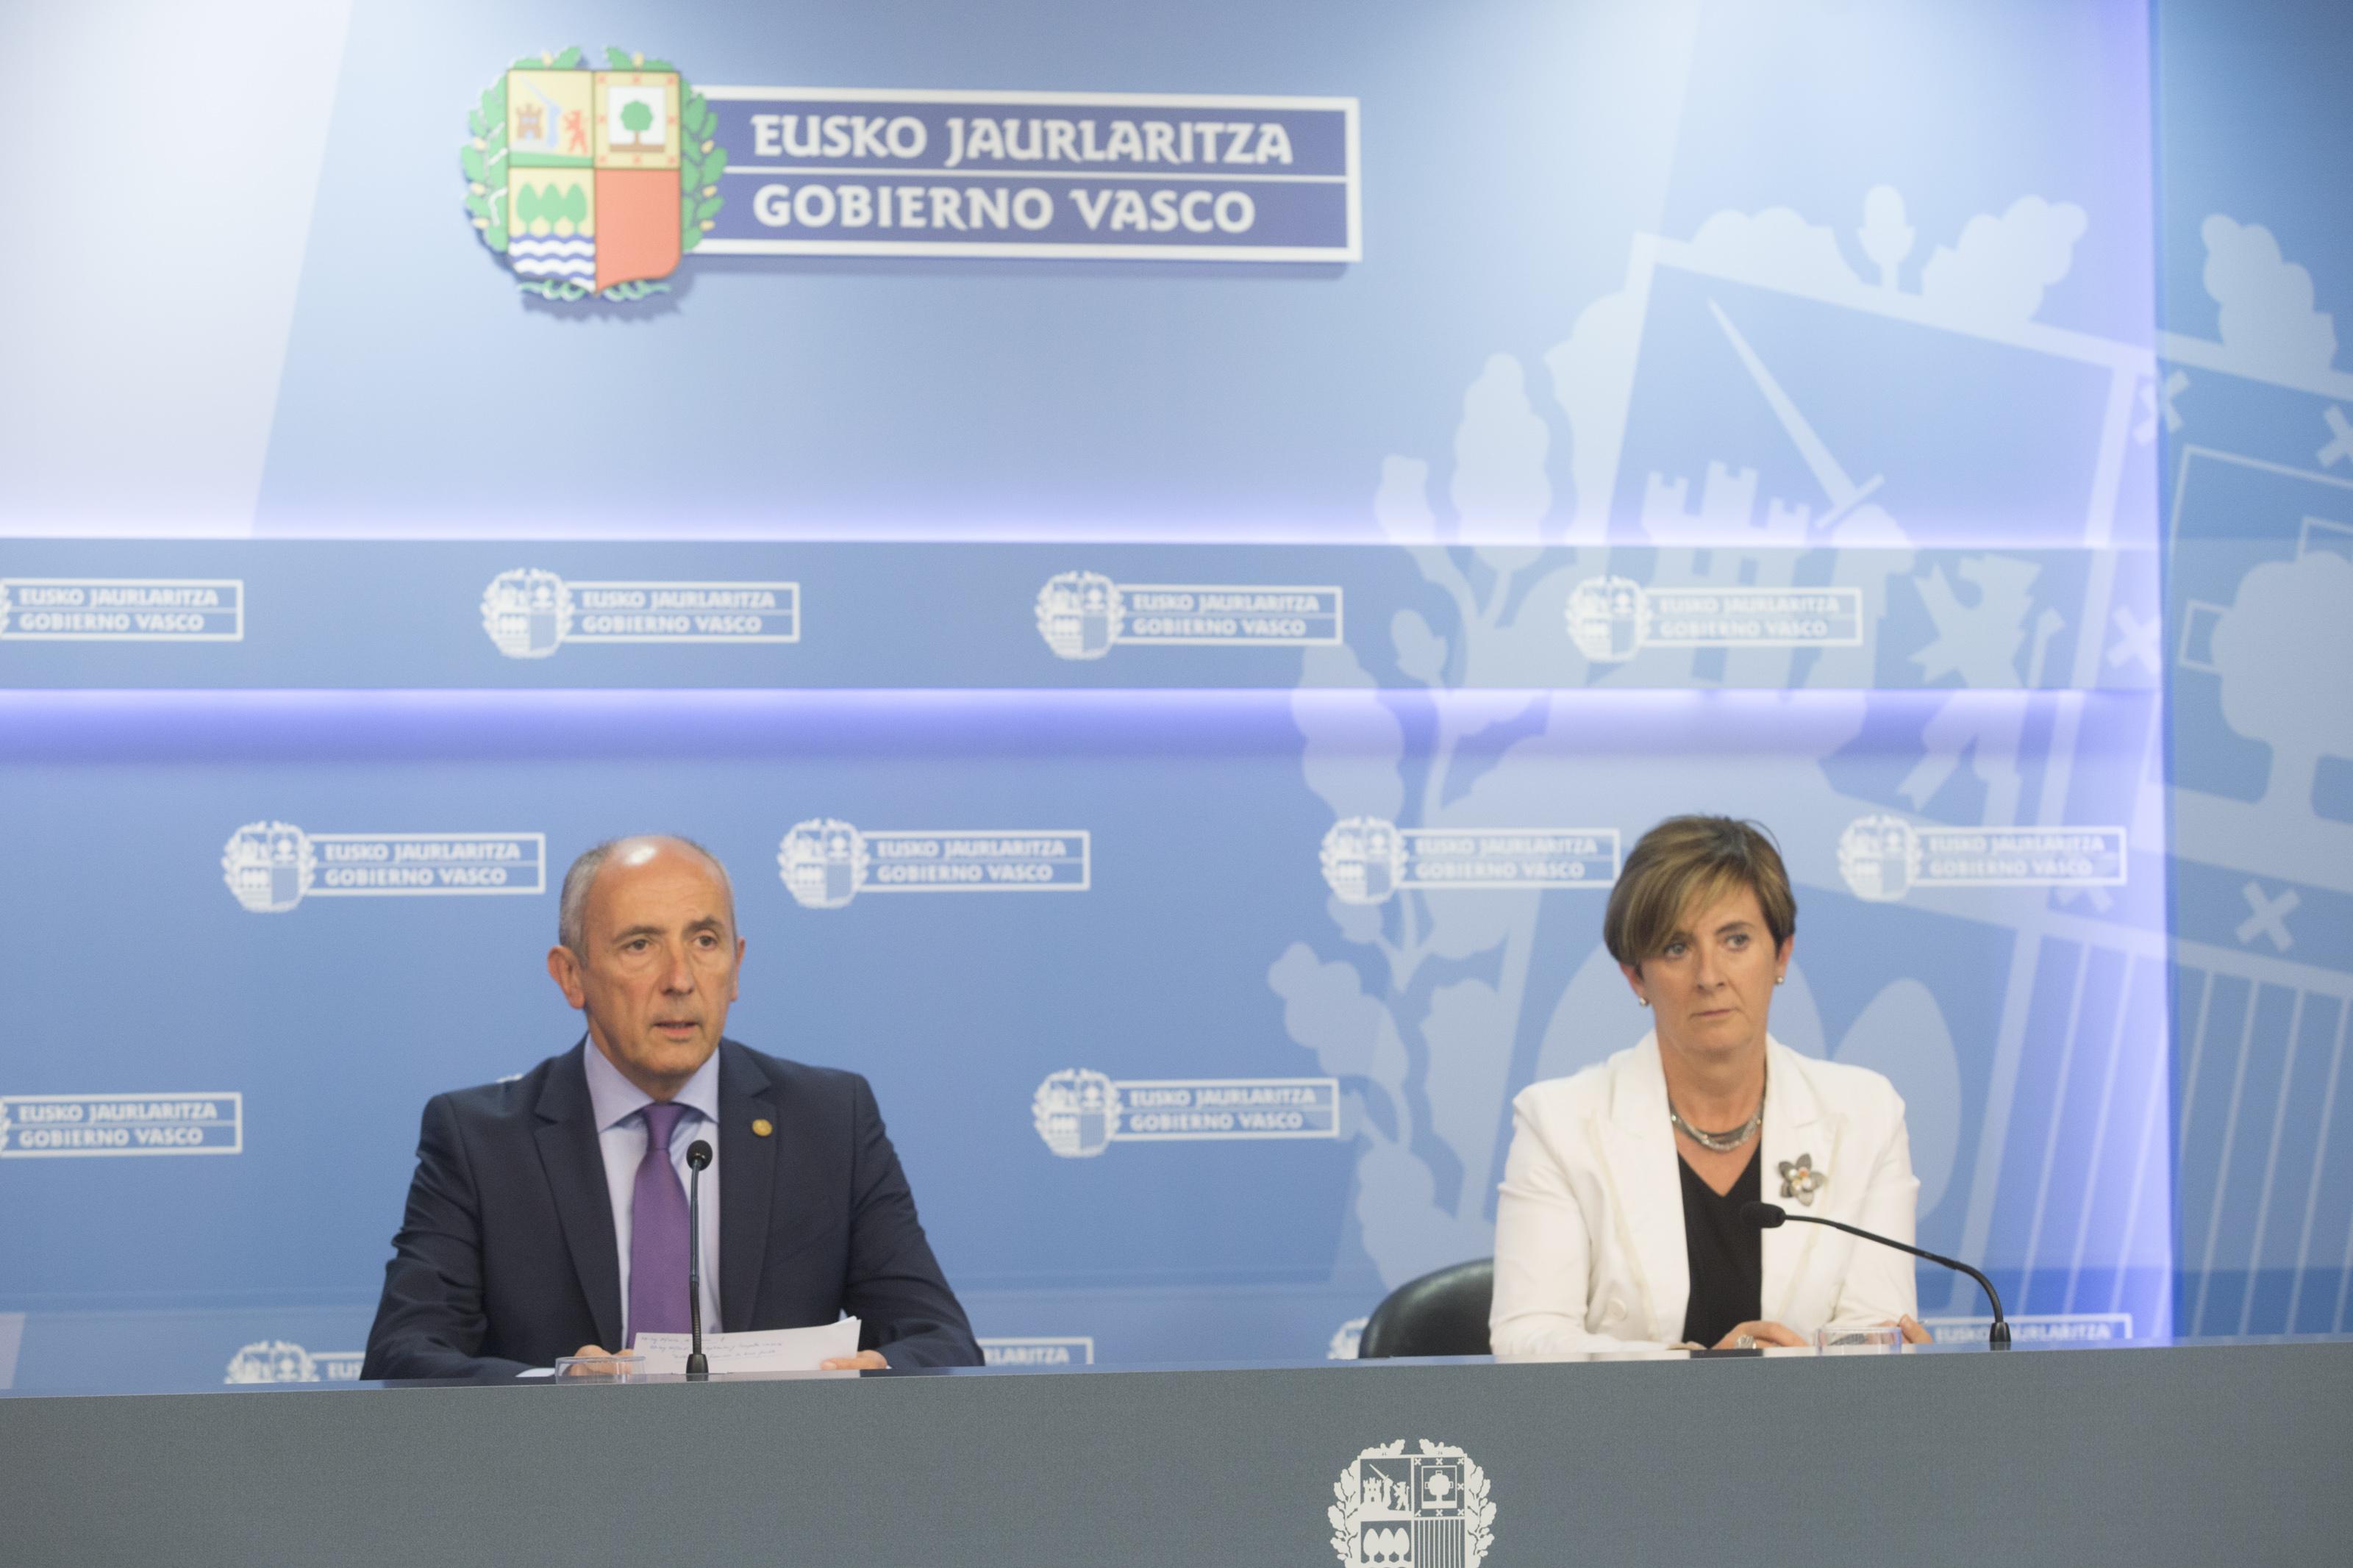 El Gobierno Vasco aprueba ayudas para la extensión, en 16 meses, de redes de banda ancha de nueva generación en polígonos empresariales de Euskadi